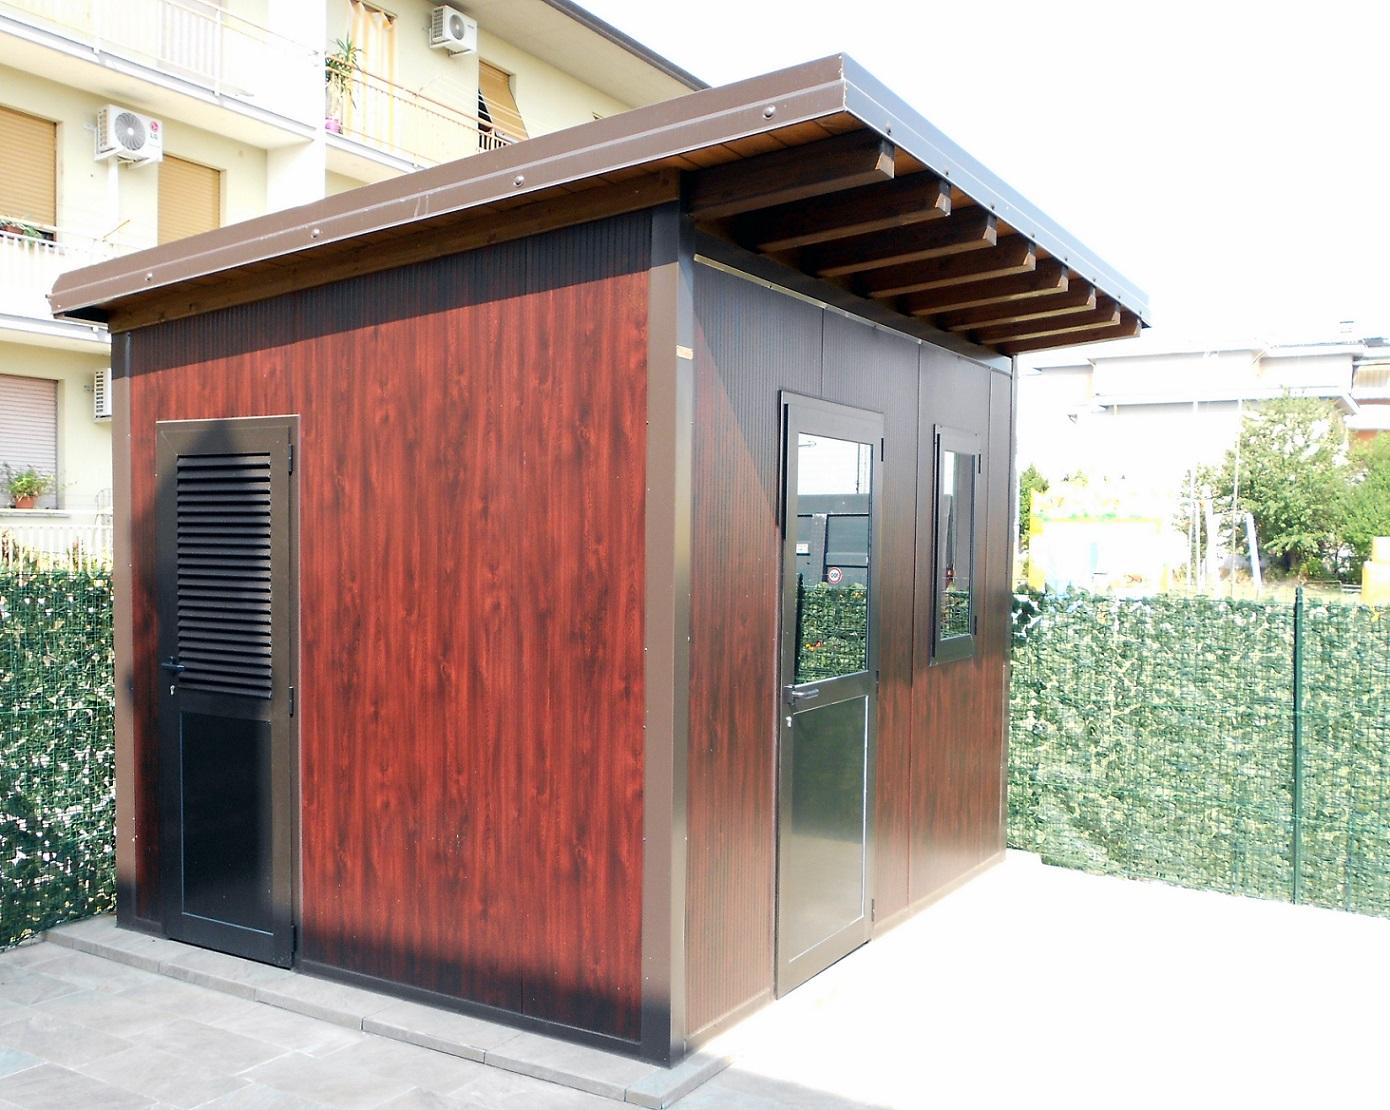 Casette e garage in legno for Detrazione fiscale stufe a pellet agenzia entrate